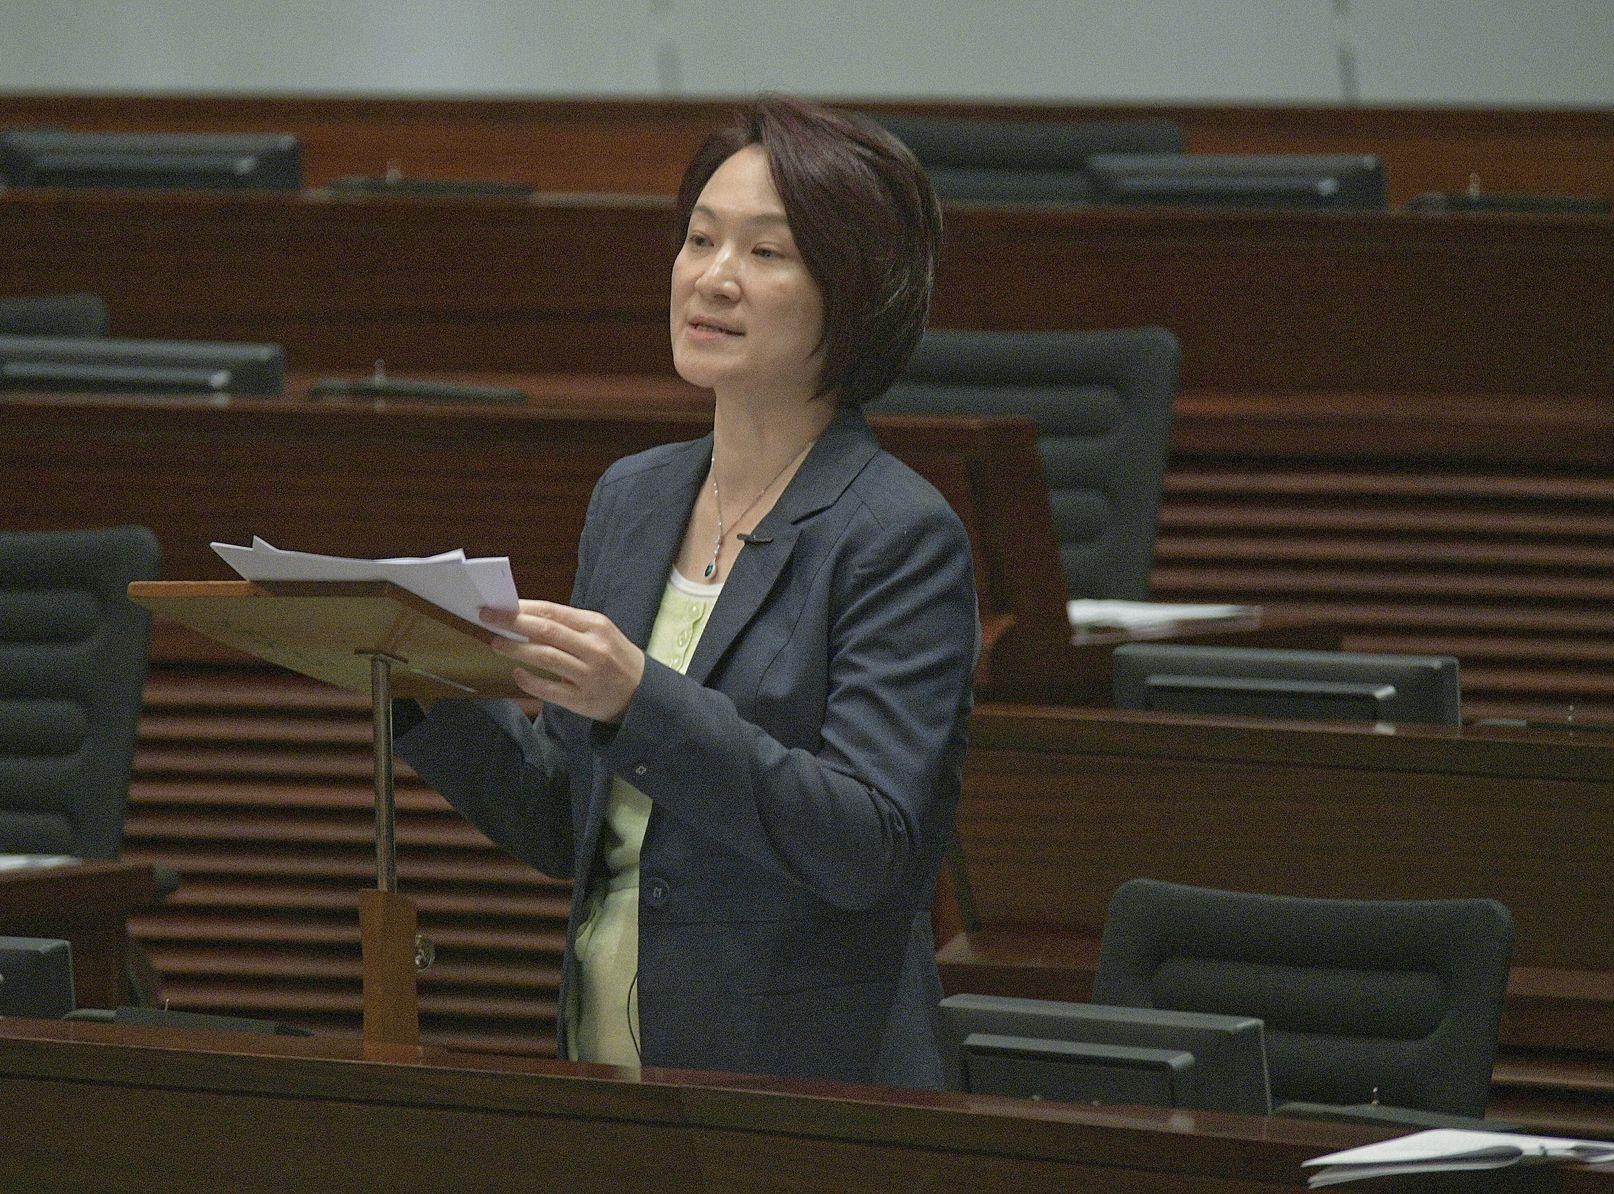 民建聯主席李慧琼。資料圖片